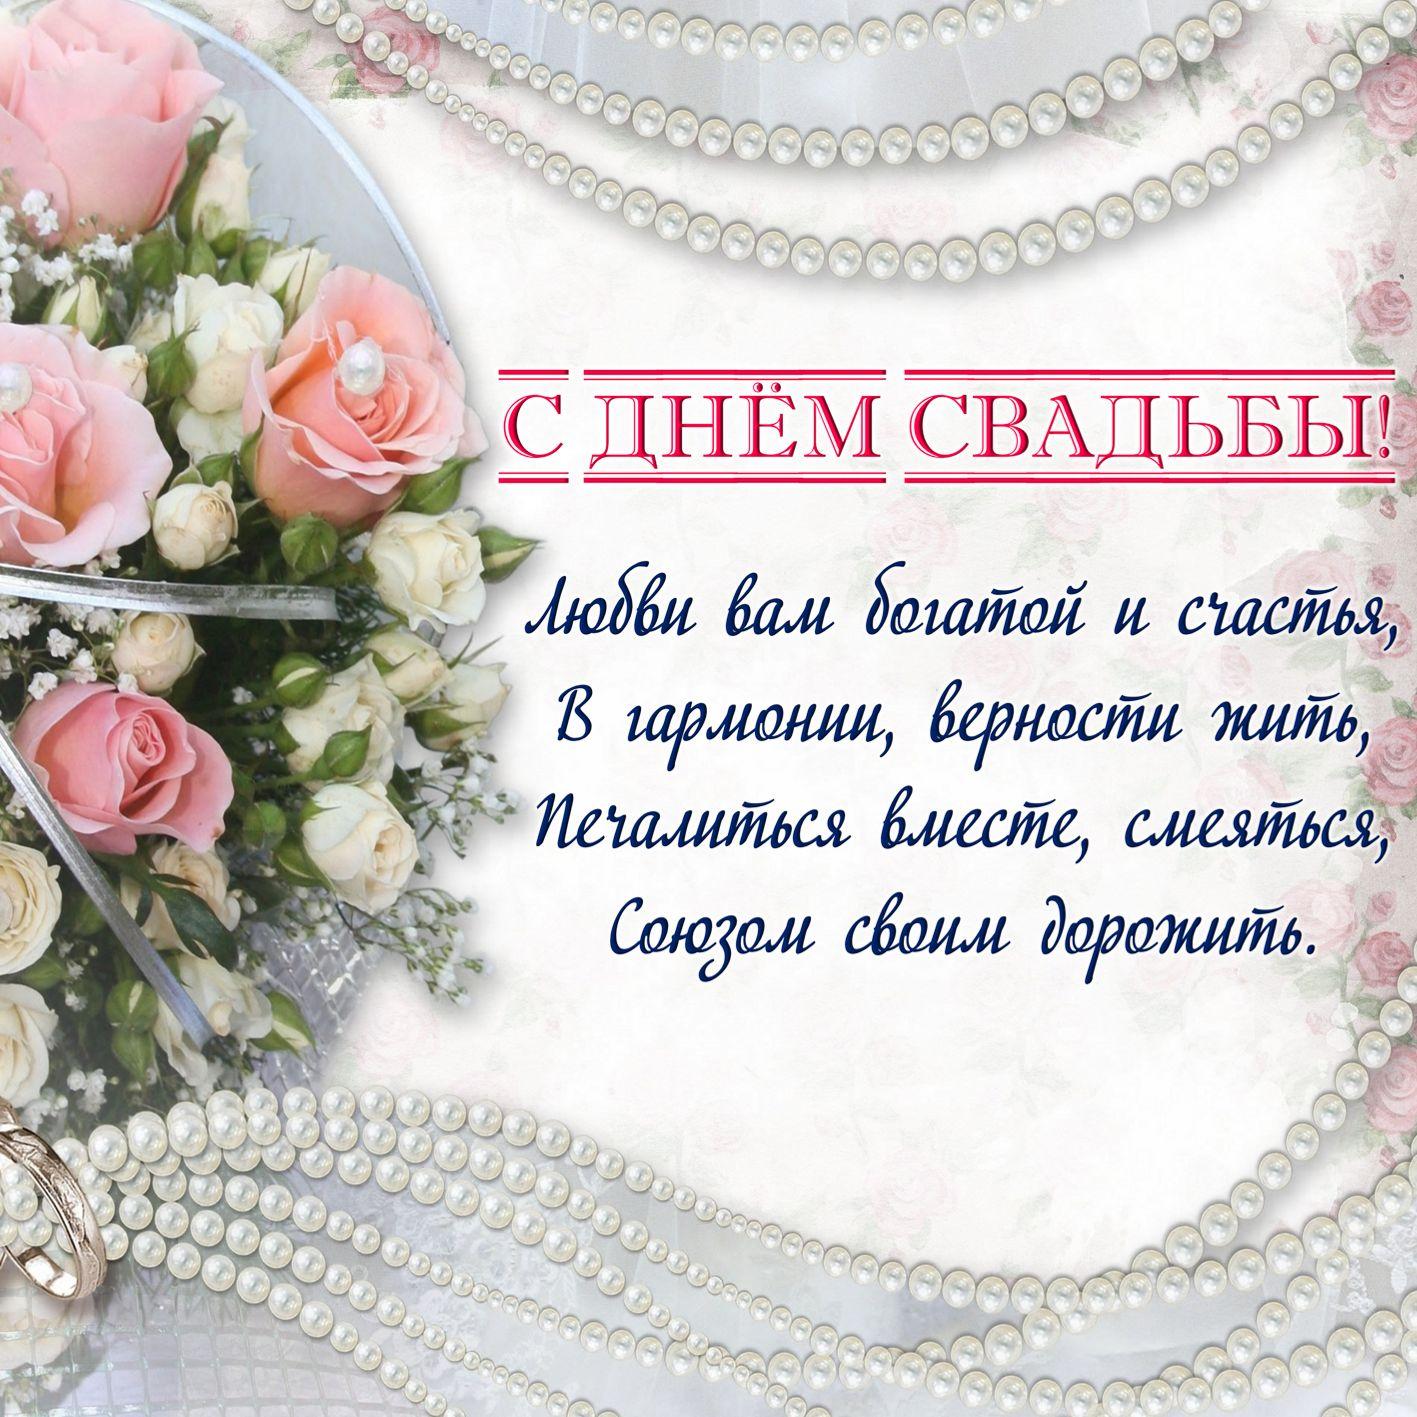 Поздравление молодым на свадьбу в стихах открытки